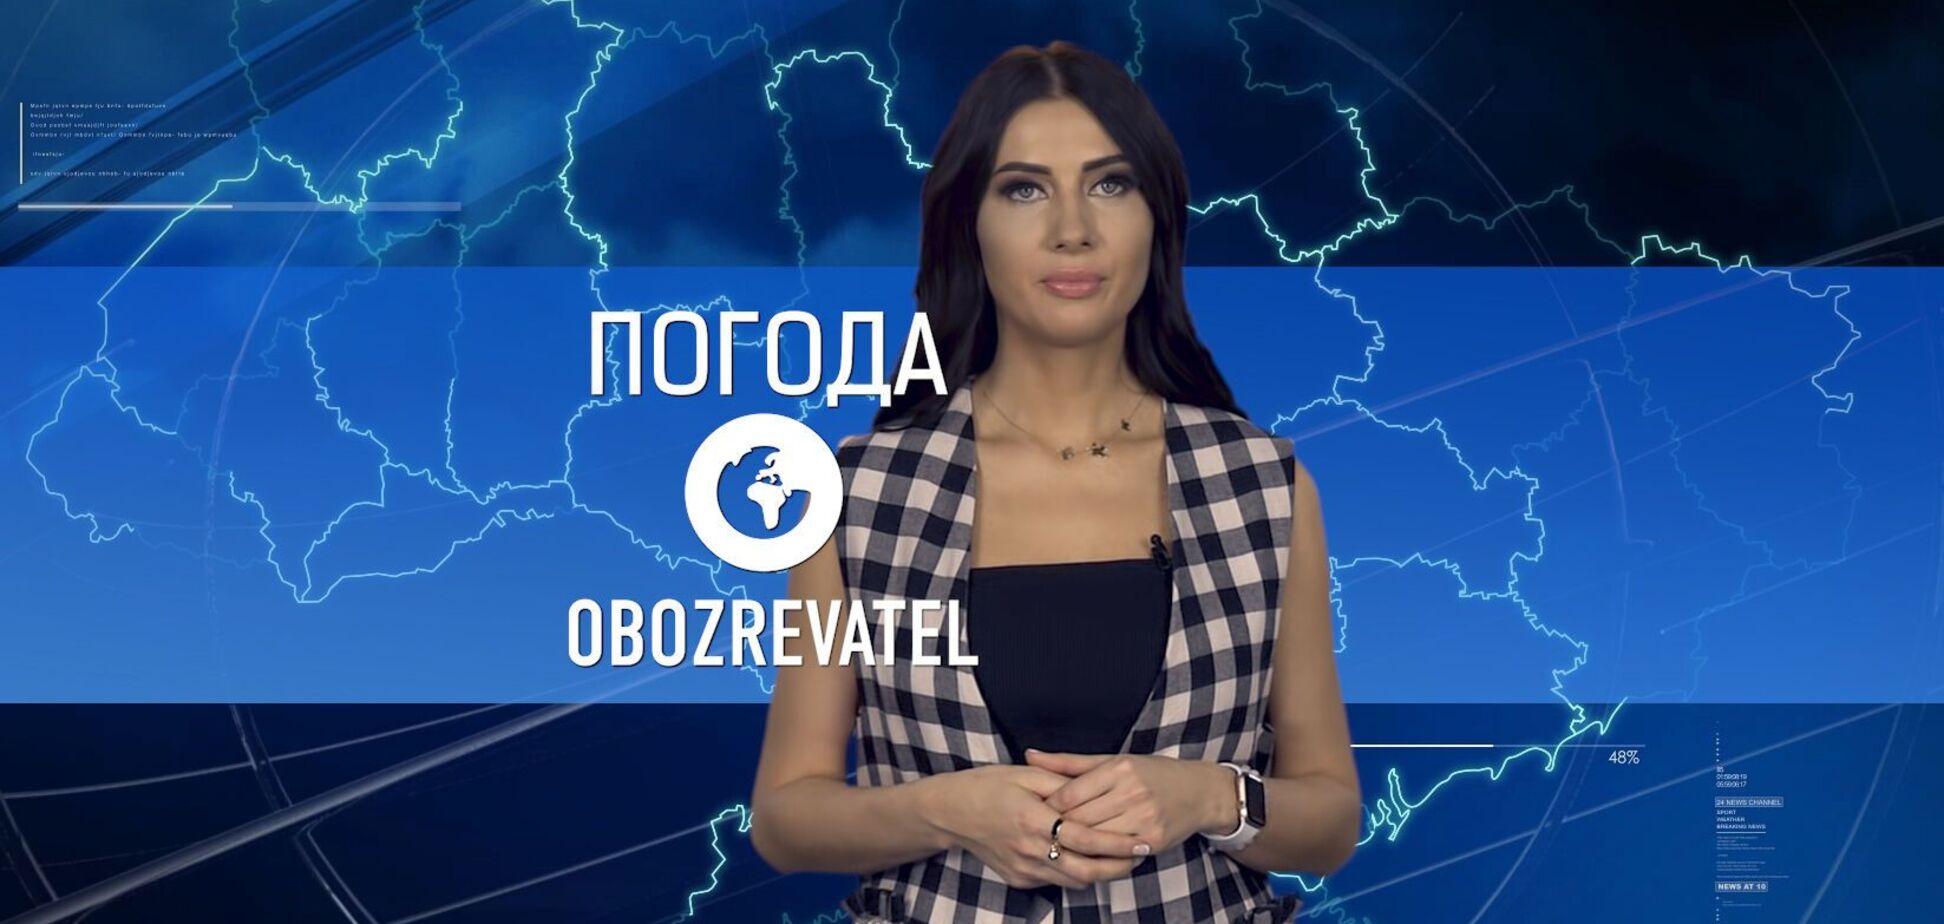 Прогноз погоди в Україні на вівторок 22 грудня, з Алісою Мярковською